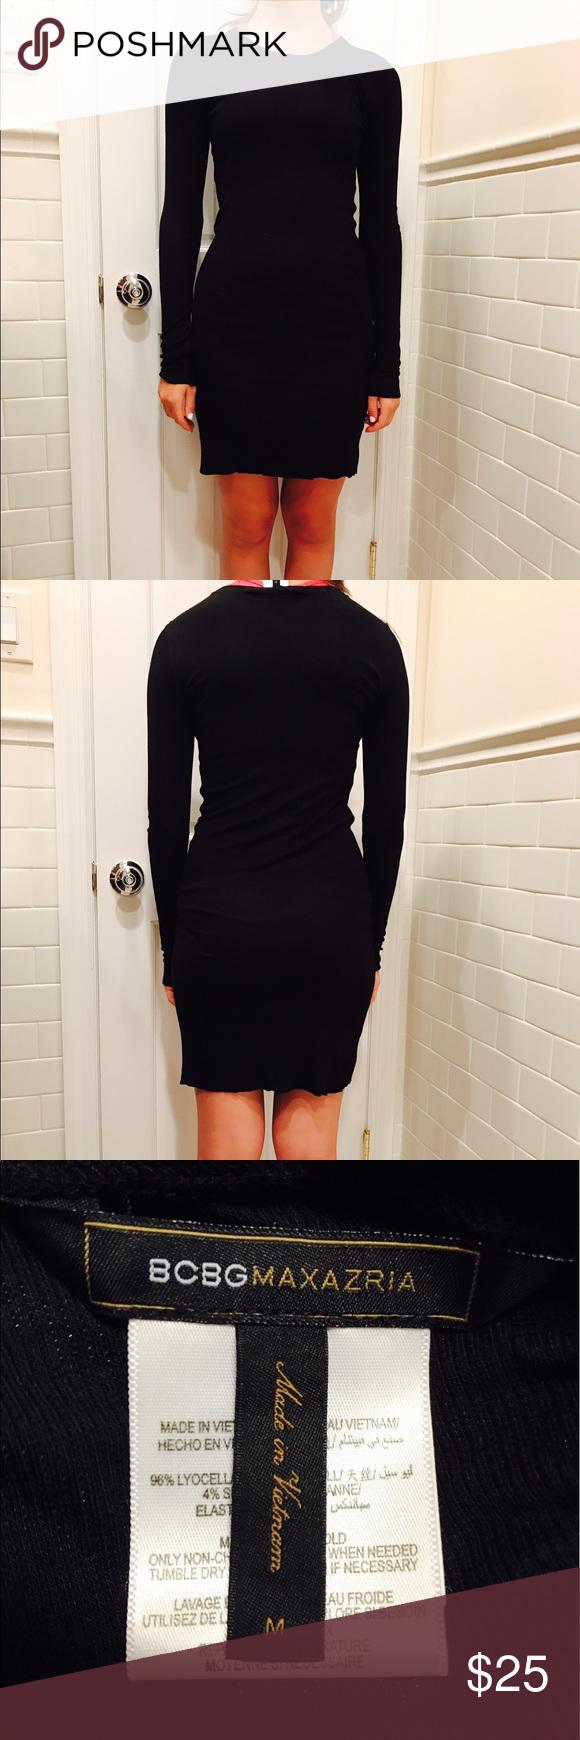 BCBG MAXAZRIA black cotton tight dress⭐ | Schwarz, Minis und Kleider